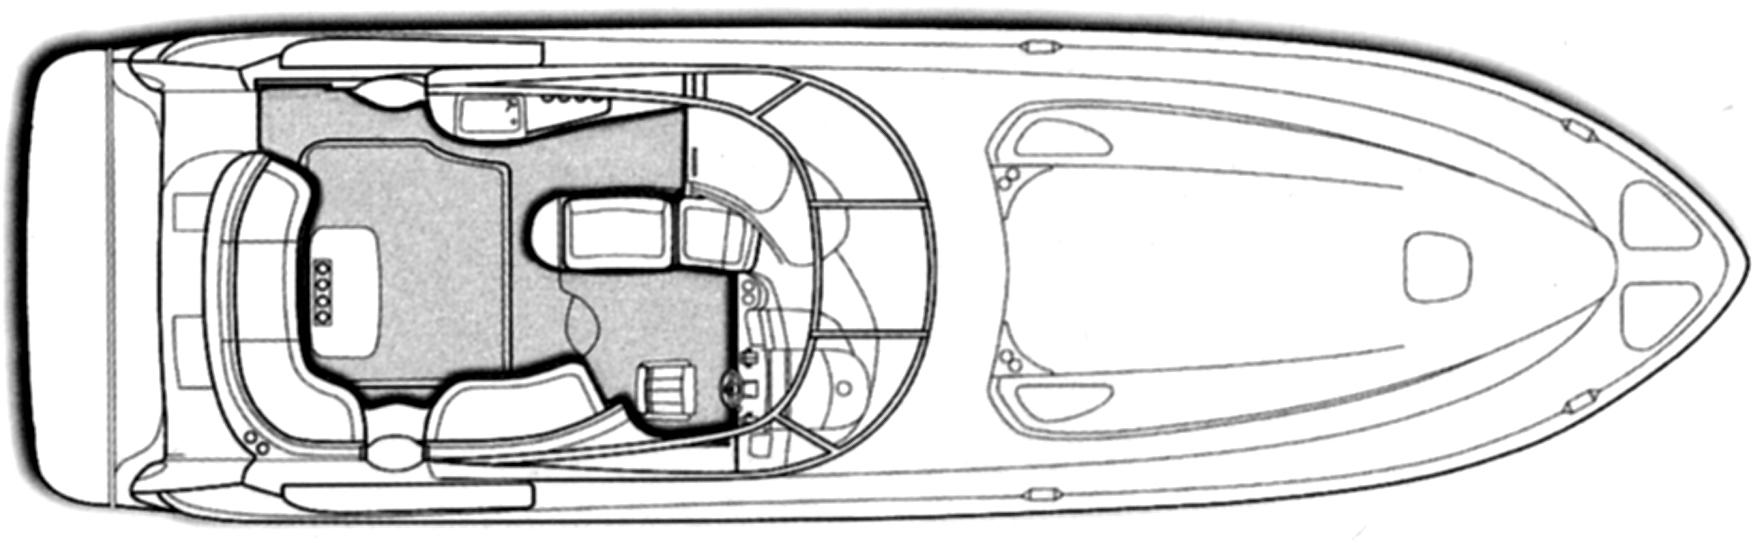 500 Sundancer; 52 Sundancer Floor Plan 2